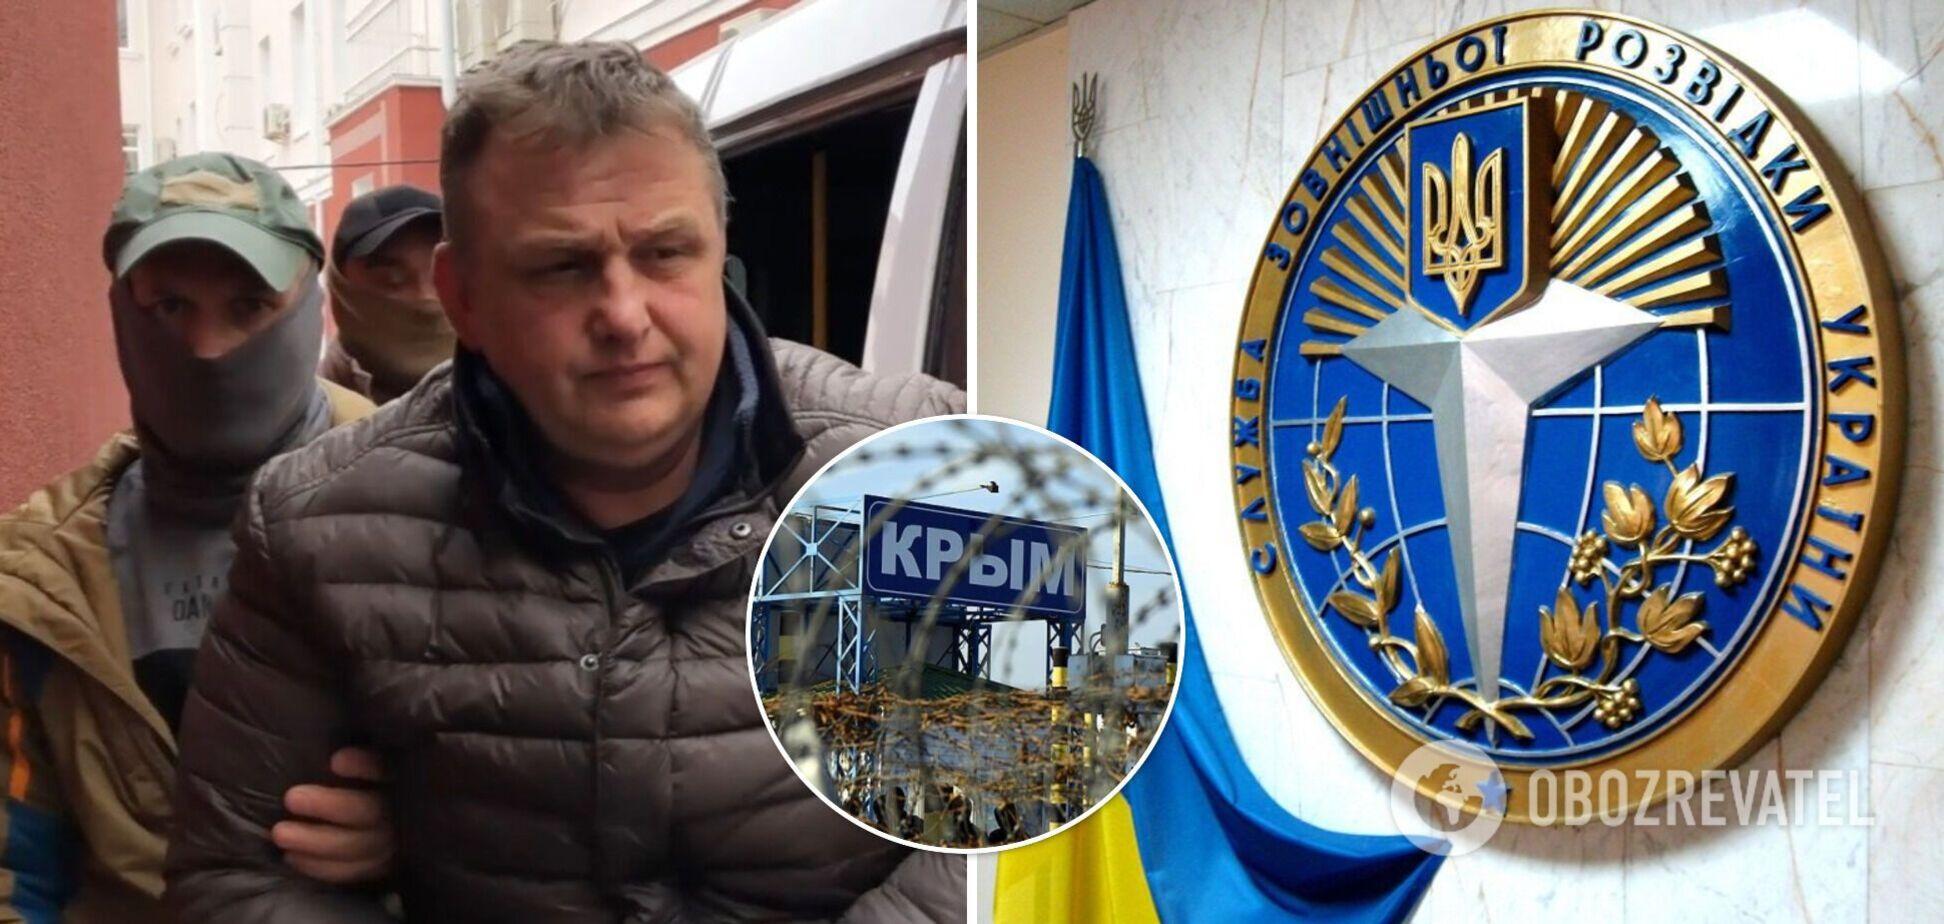 У СЗР відреагували на арешт у Криму журналіста за 'шпигунство на користь України'